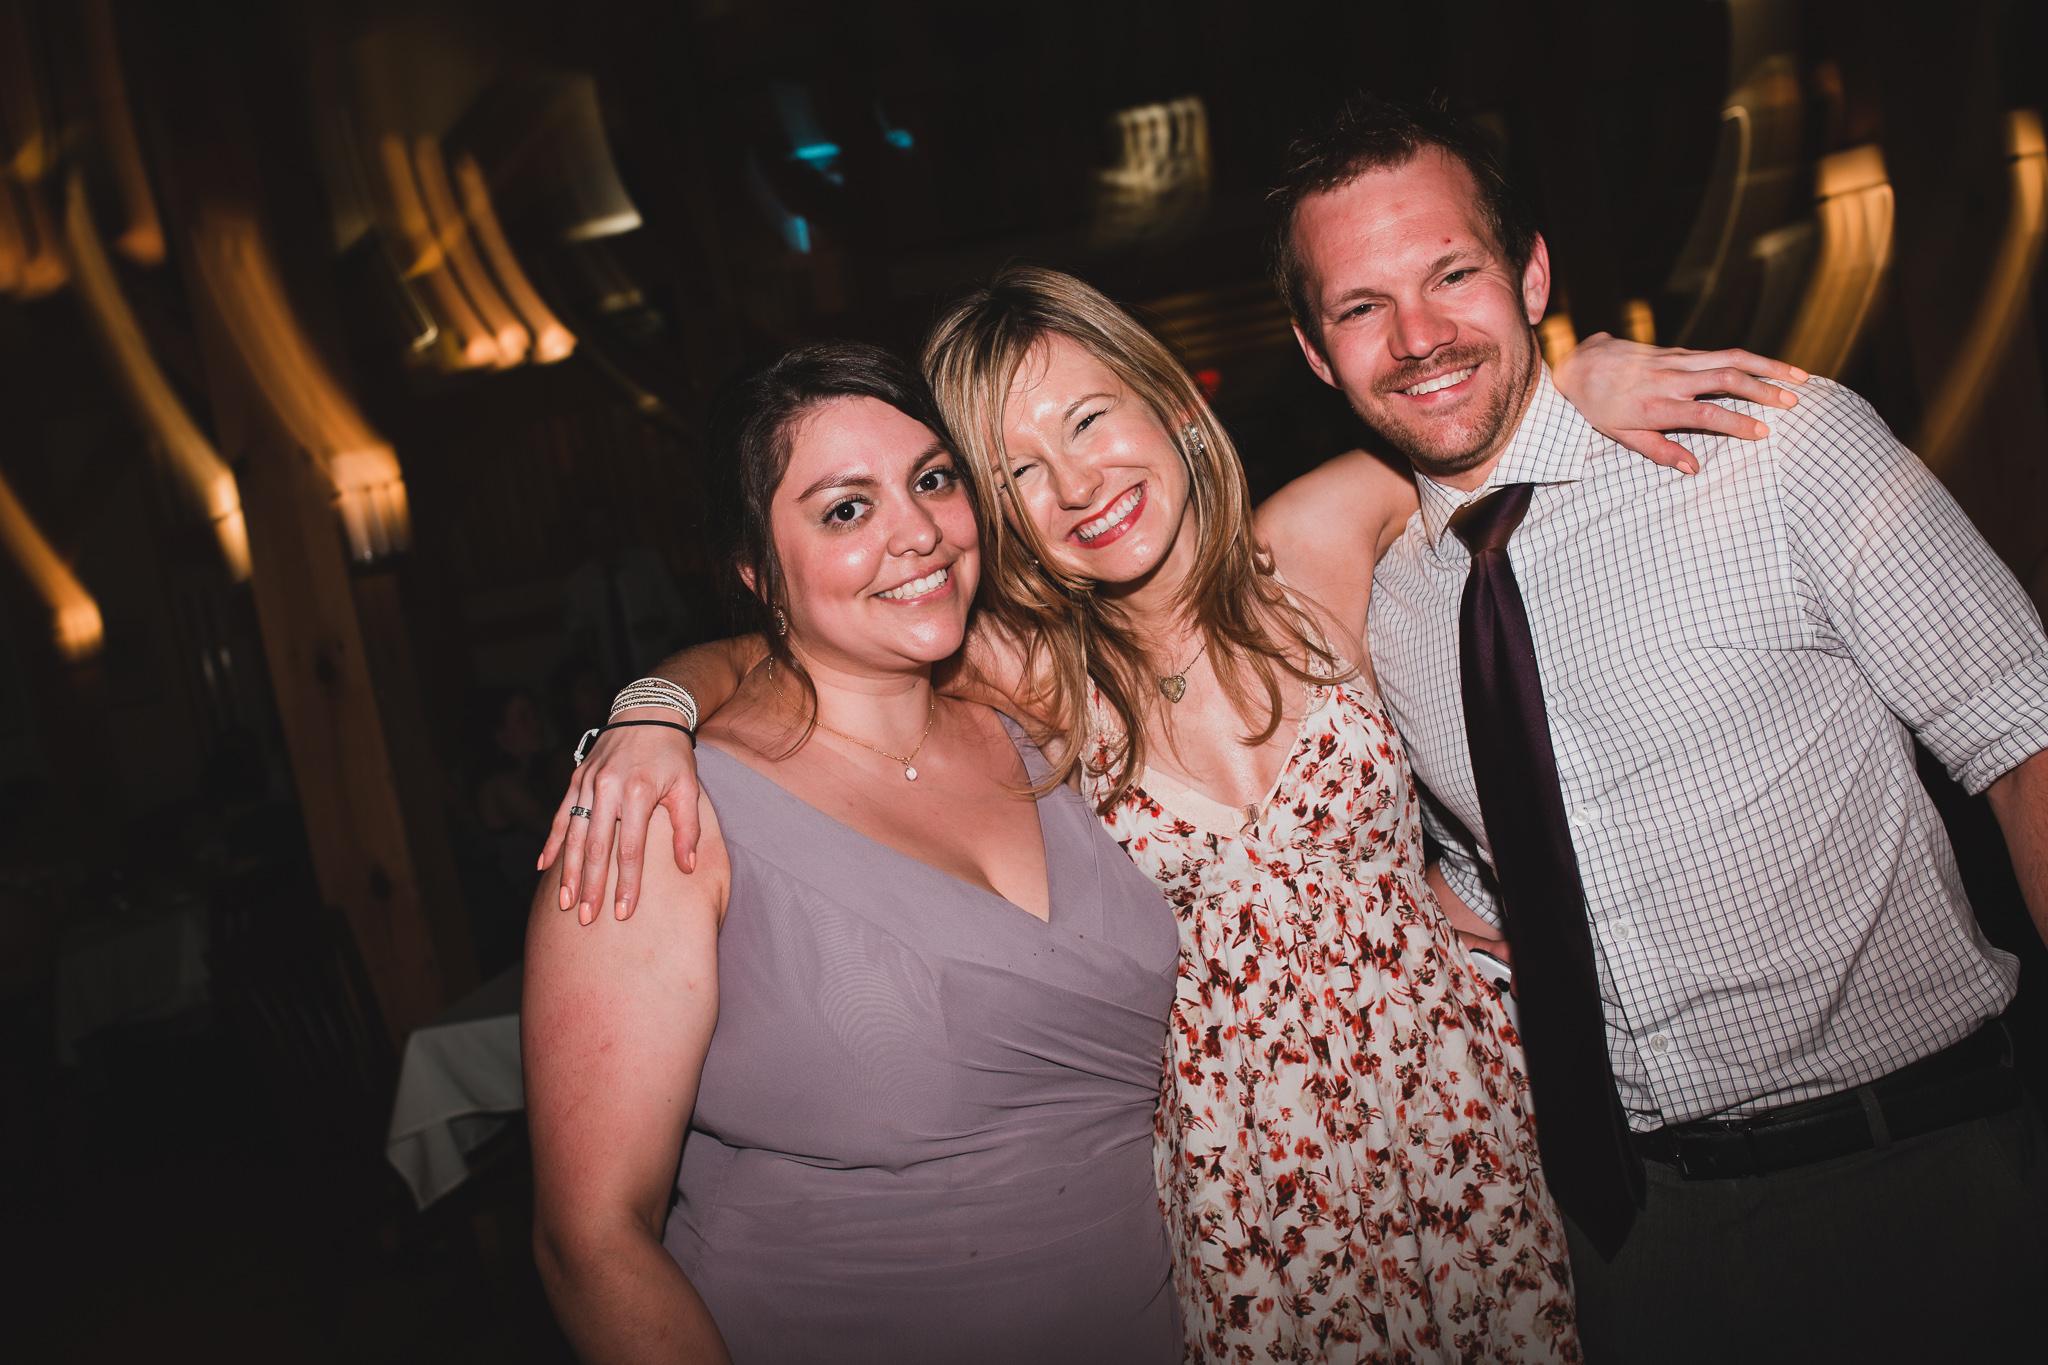 Crazy party wedding photos